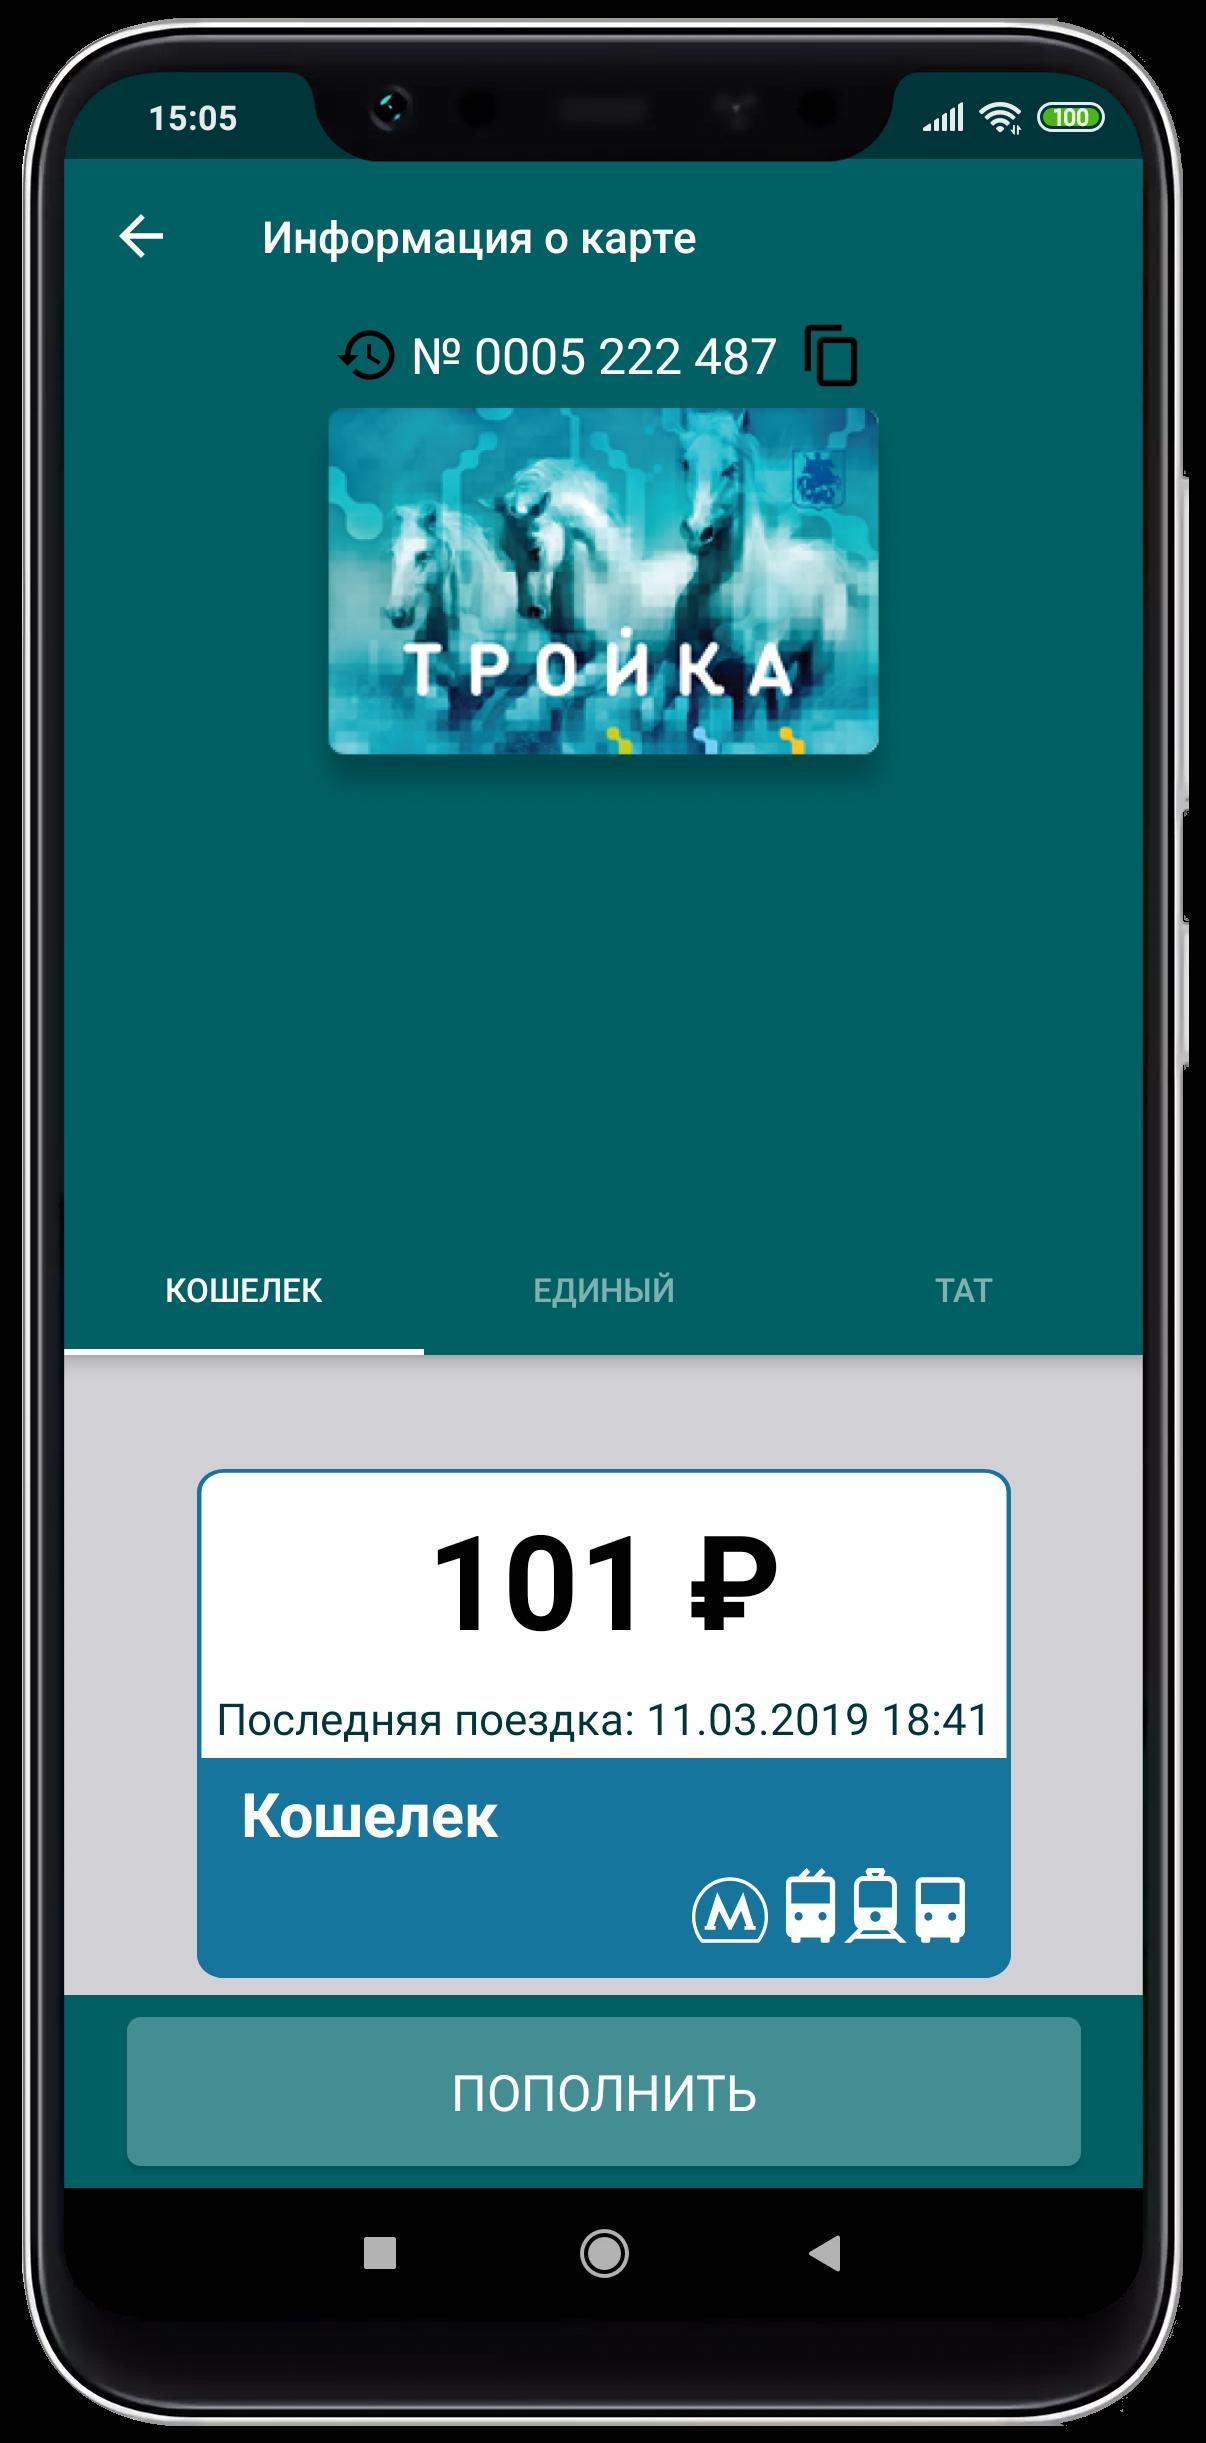 приложение для проверки карты тройка на андроид